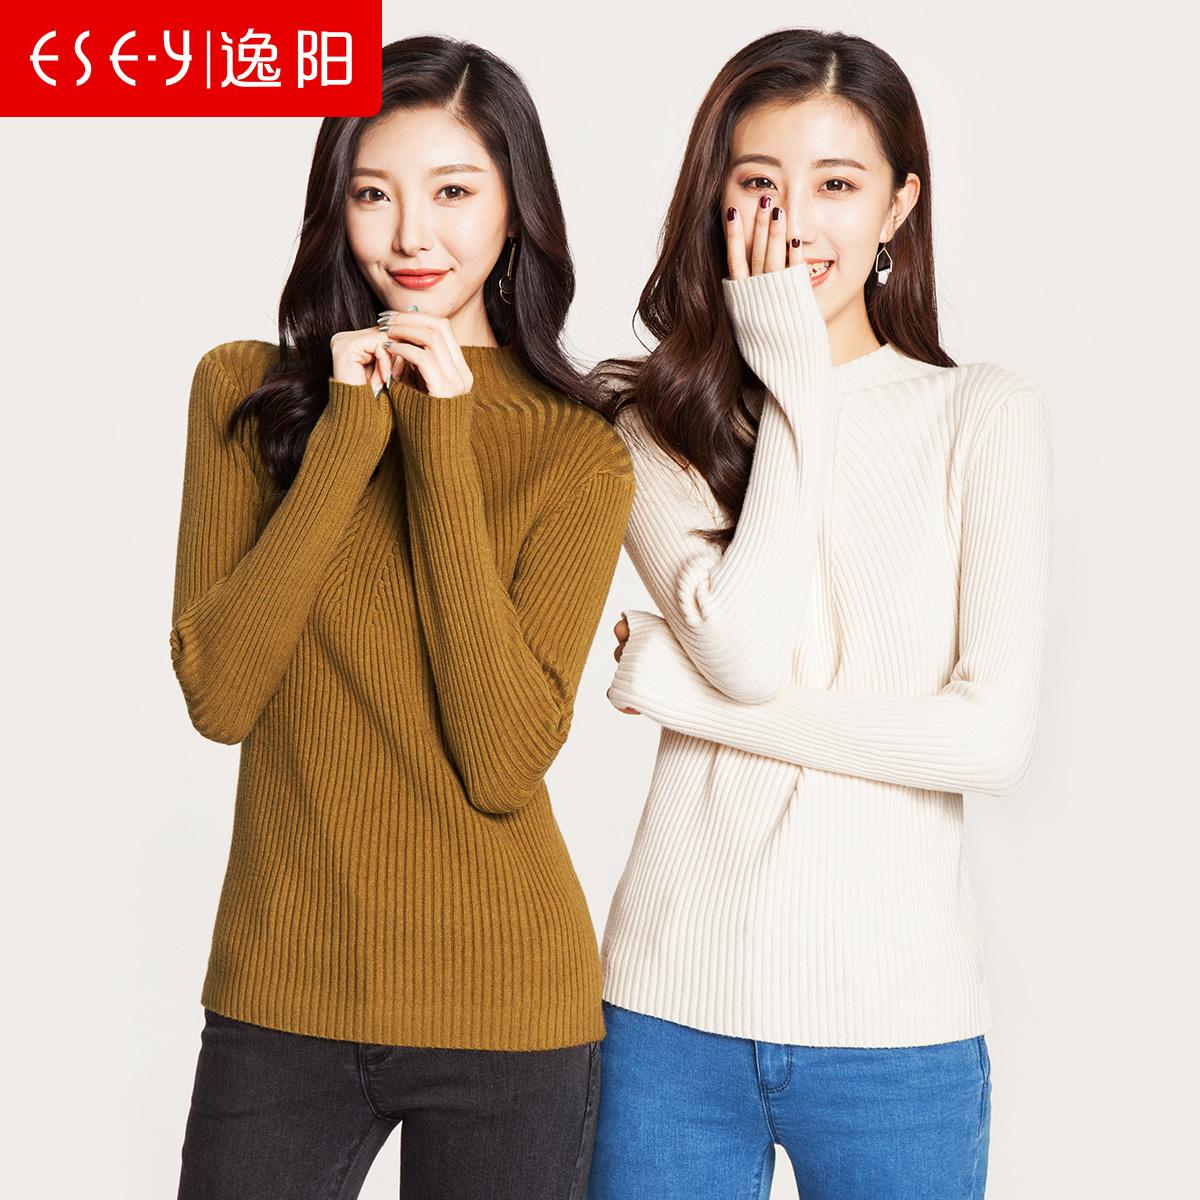 ESE·Y逸阳针织衫怎么样,好不好